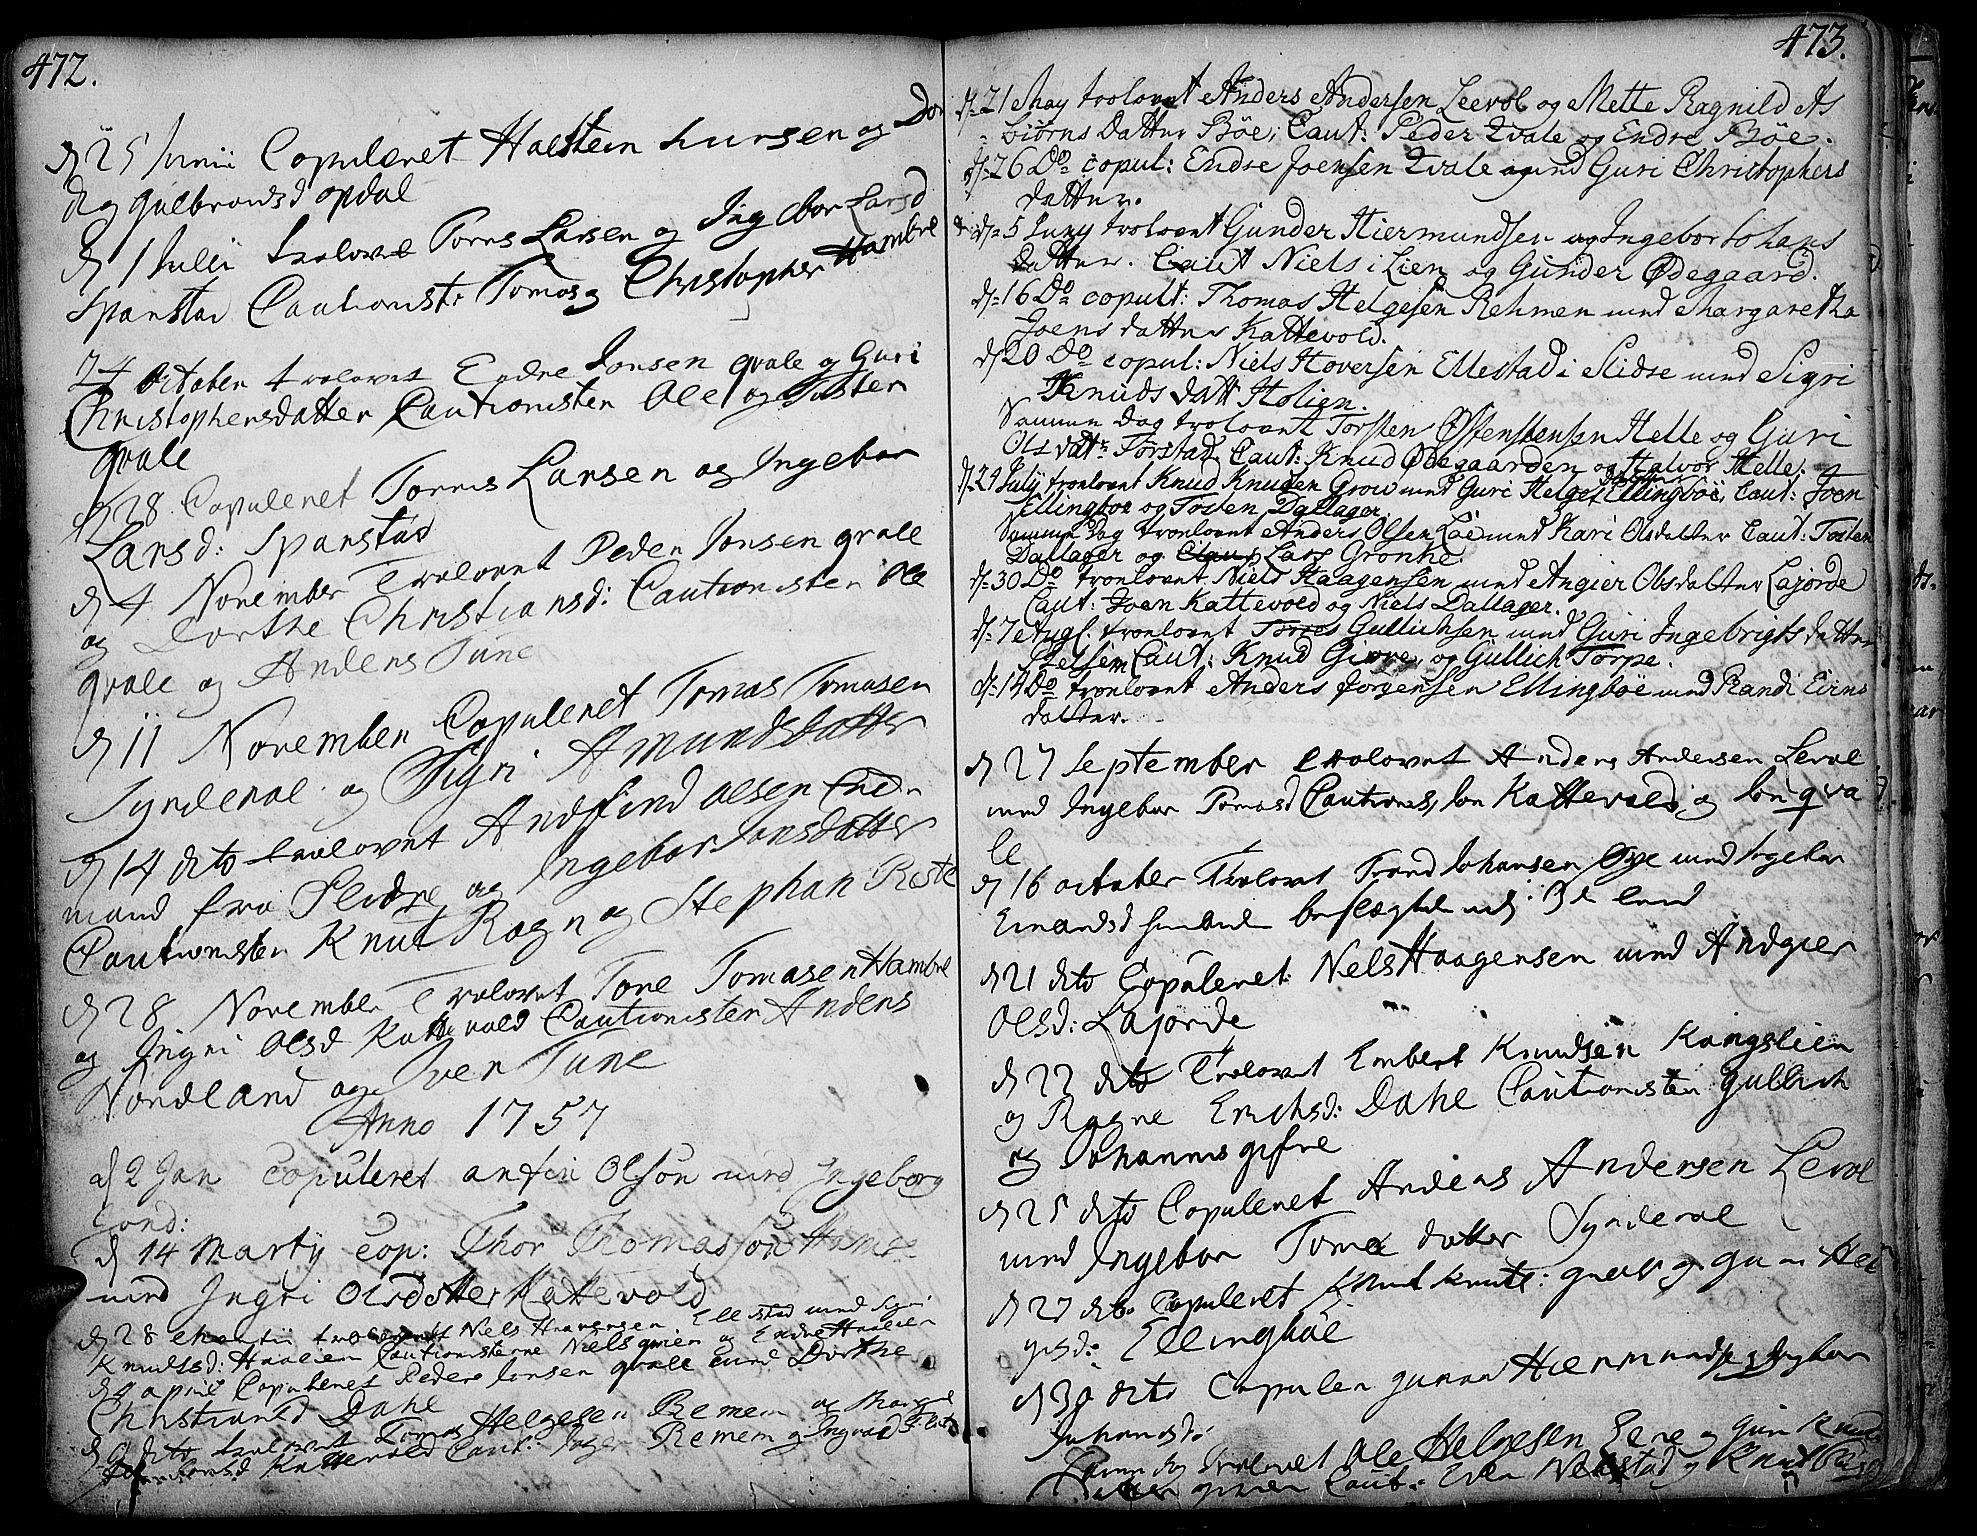 SAH, Vang prestekontor, Valdres, Ministerialbok nr. 1, 1730-1796, s. 472-473